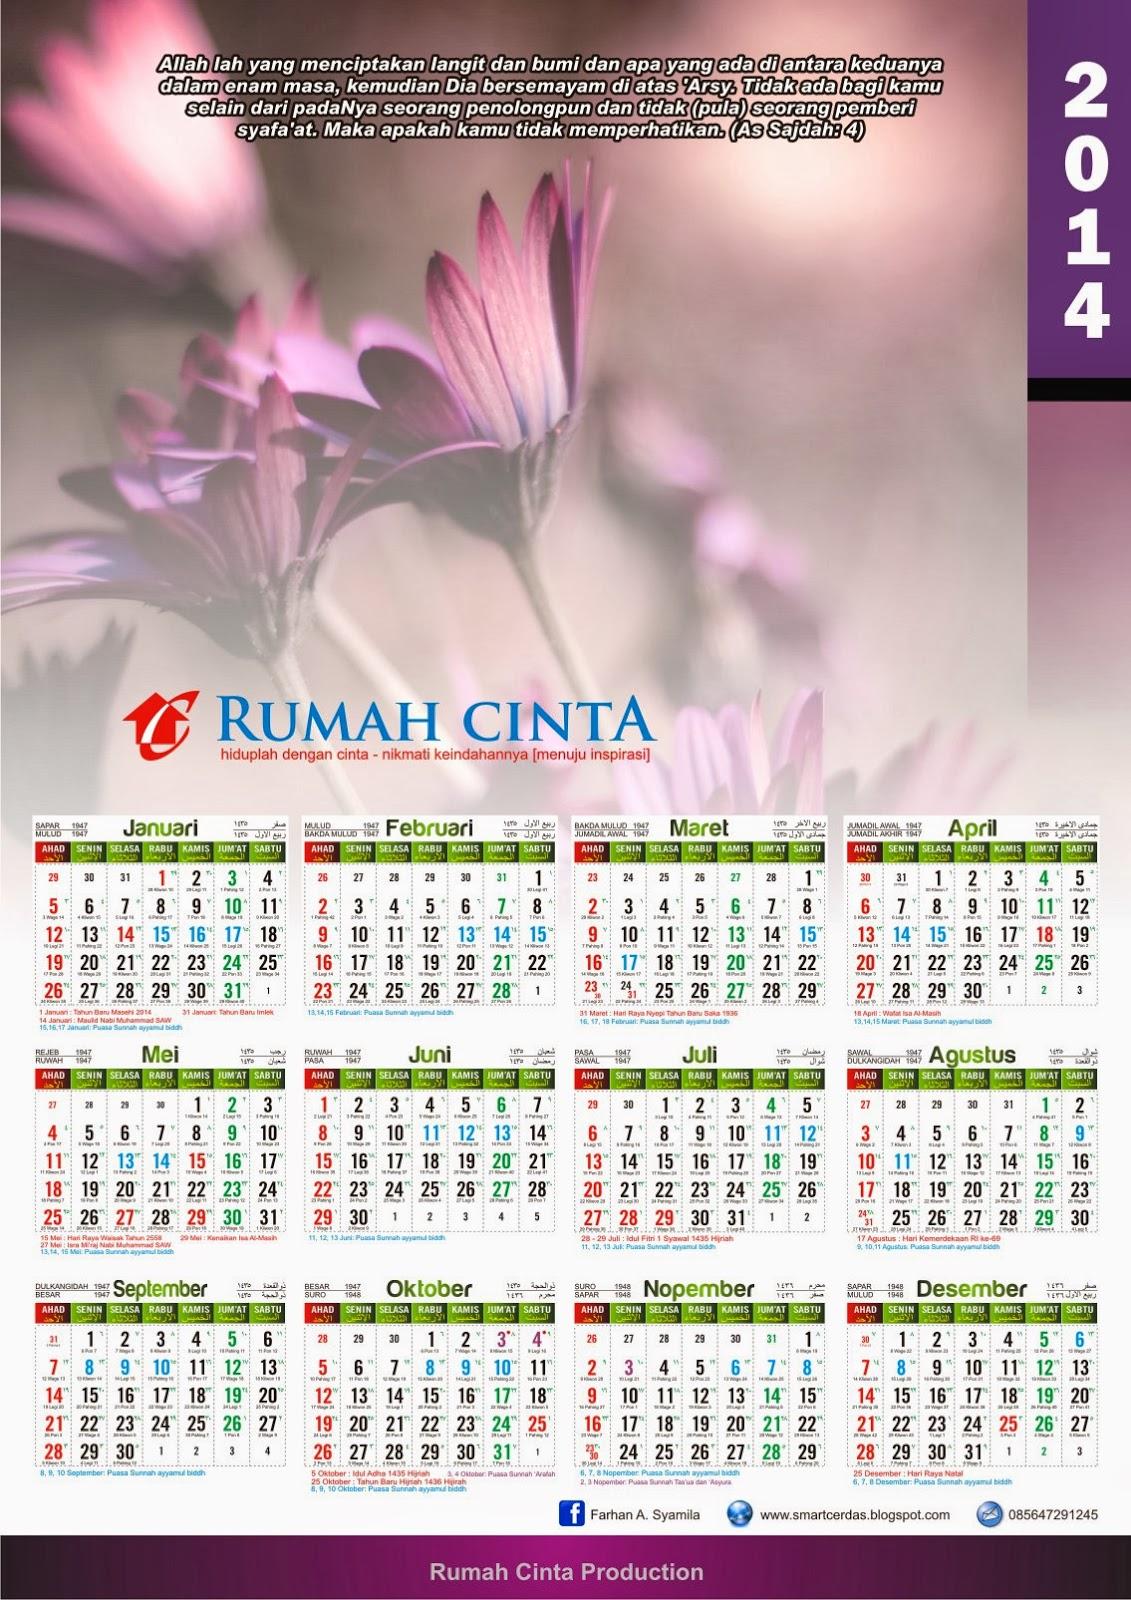 Kalender 2014 Lengkap dengan Hijriyah, kalender jawa dan Puasa Sunnah